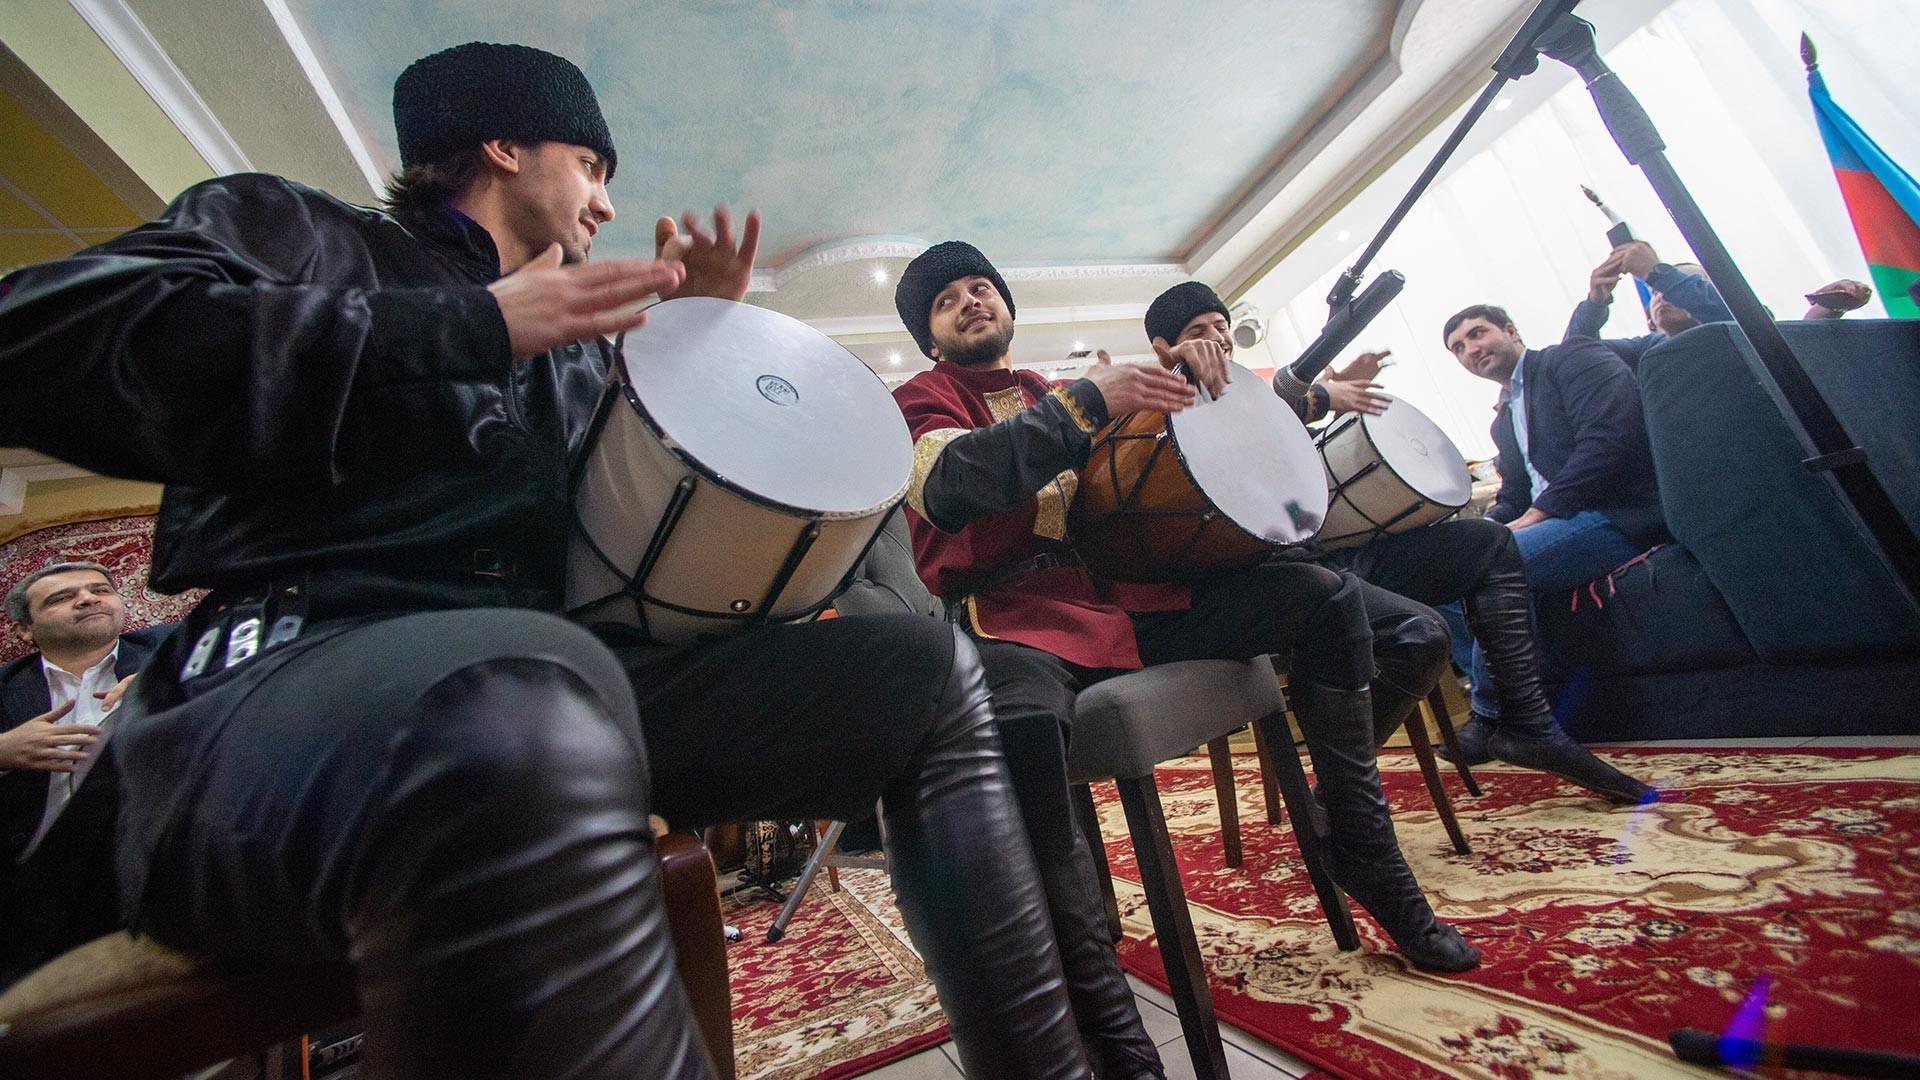 Azerbajdžanski kulturno-izobraževalni center v Moskovski regiji.